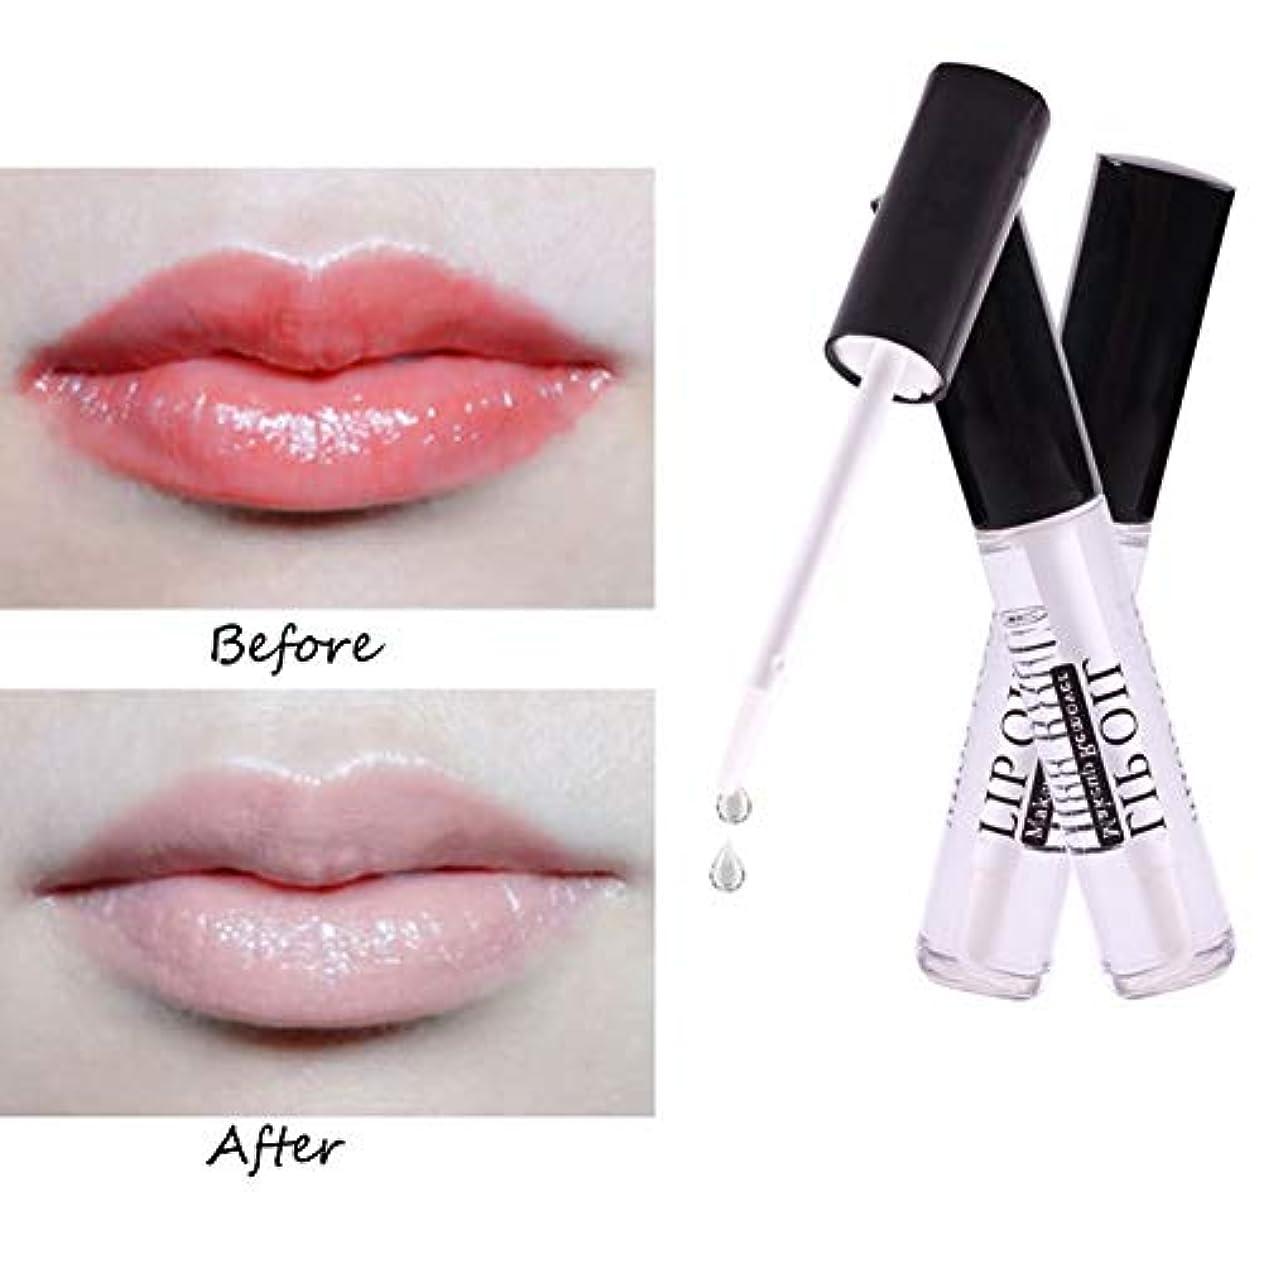 グリット手配する藤色ACHICOO クレンジングオイル リップグロス·リップスティック·口紅専用 唇 保湿 健康 プロ化粧